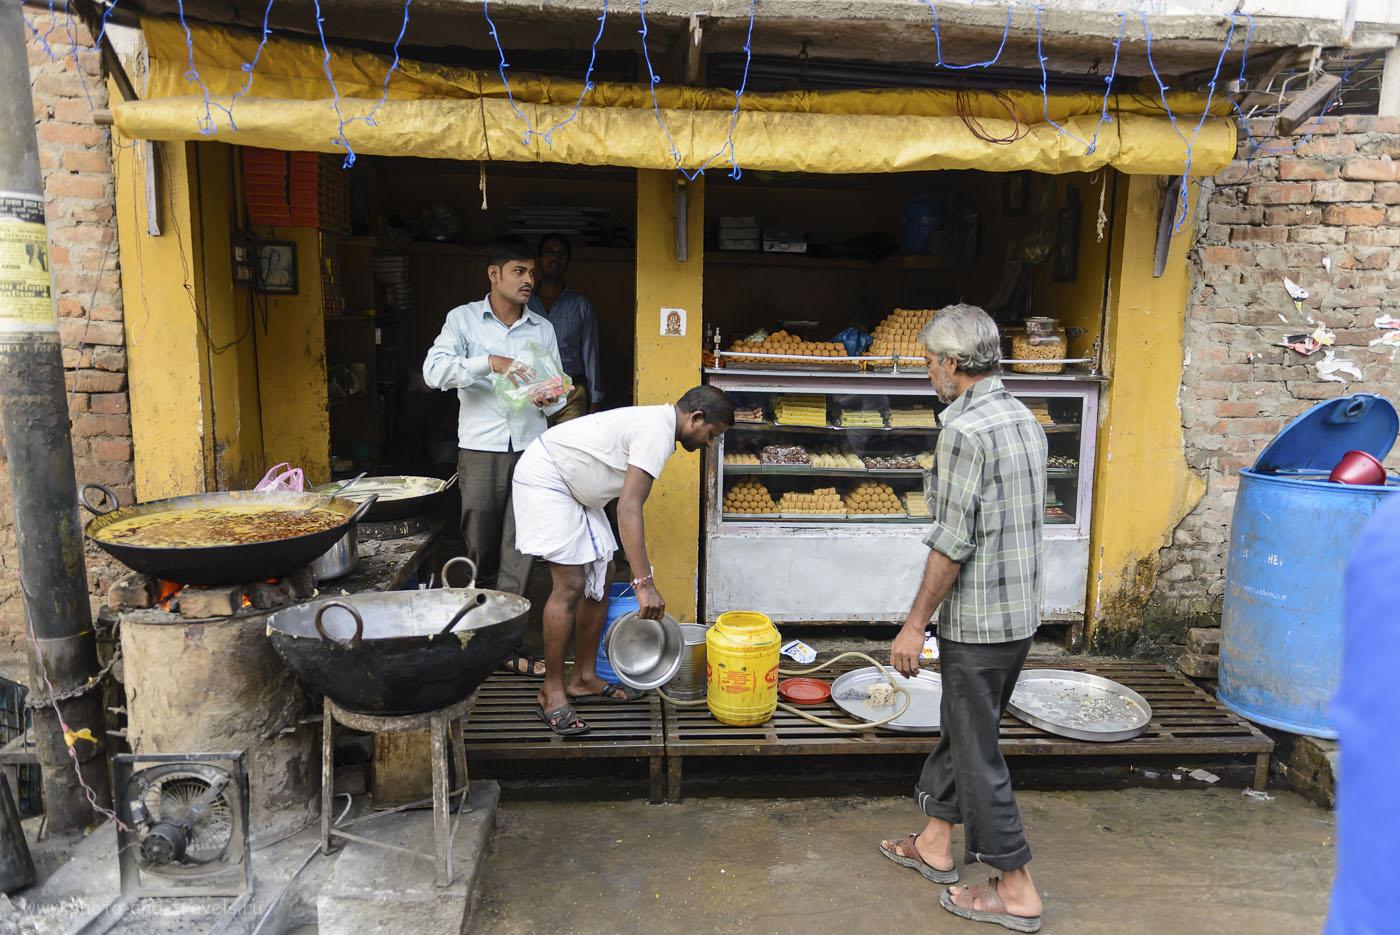 Фото 14. Не верьте мне, что в Индии негде покушать. Смотрите, какая аппетитная еда в местных кафе! Теперь вы знаете, где поесть в Варанаси… 1/400, 2.8, 250, 24.